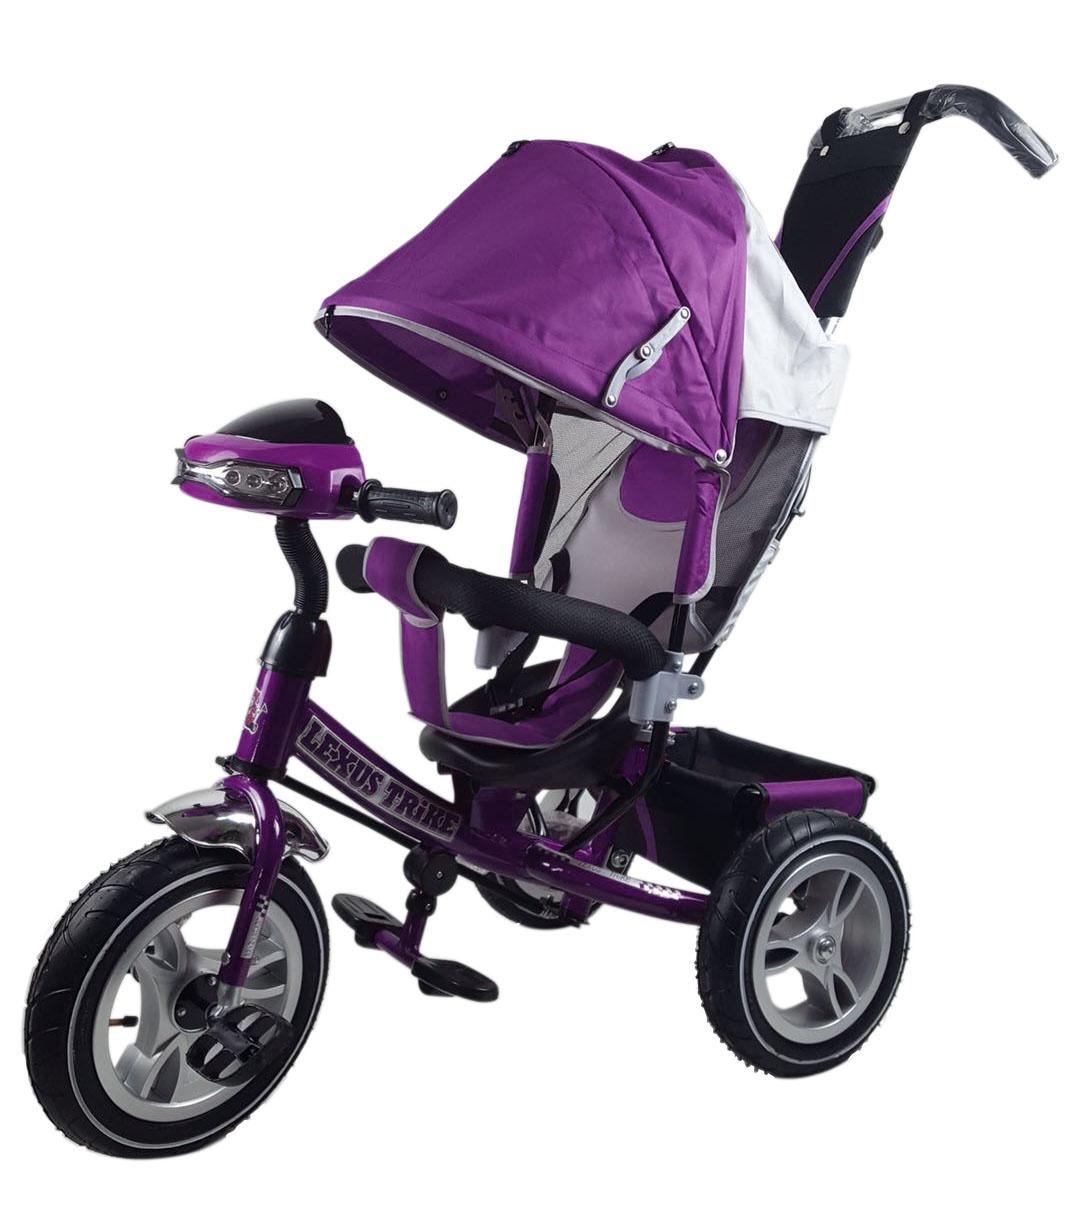 Велосипед Lexus Trike MS-0637 12/10надувные, музыкальный, фиолетовый детский велосипед tt trike 950d at фиолетовый techteam